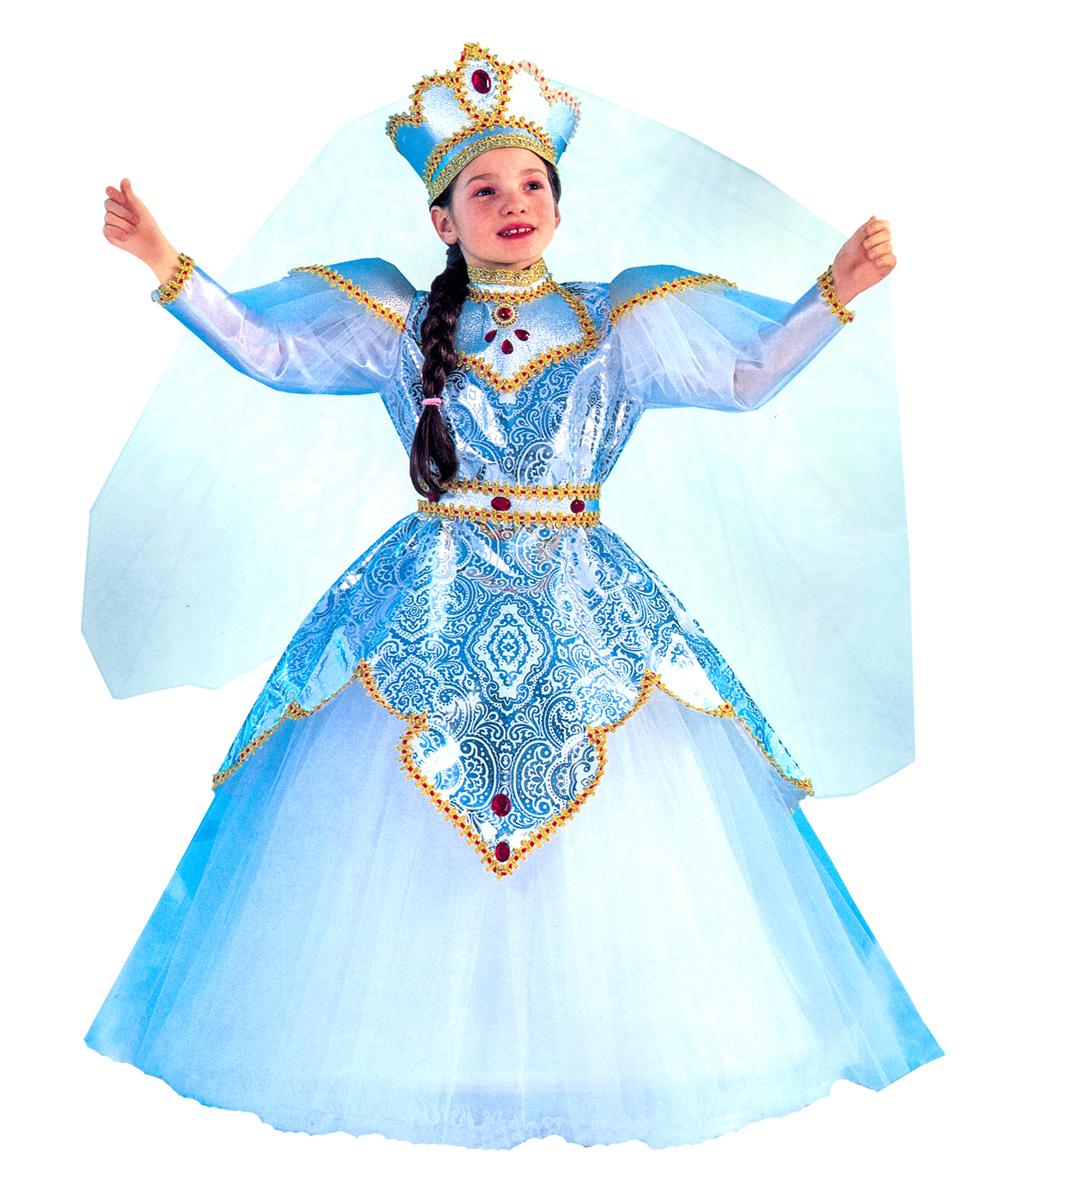 Rio Карнавальный костюм для девочки Принцесса цвет белый размер 30 (5-6 лет) -  Карнавальные костюмы и аксессуары